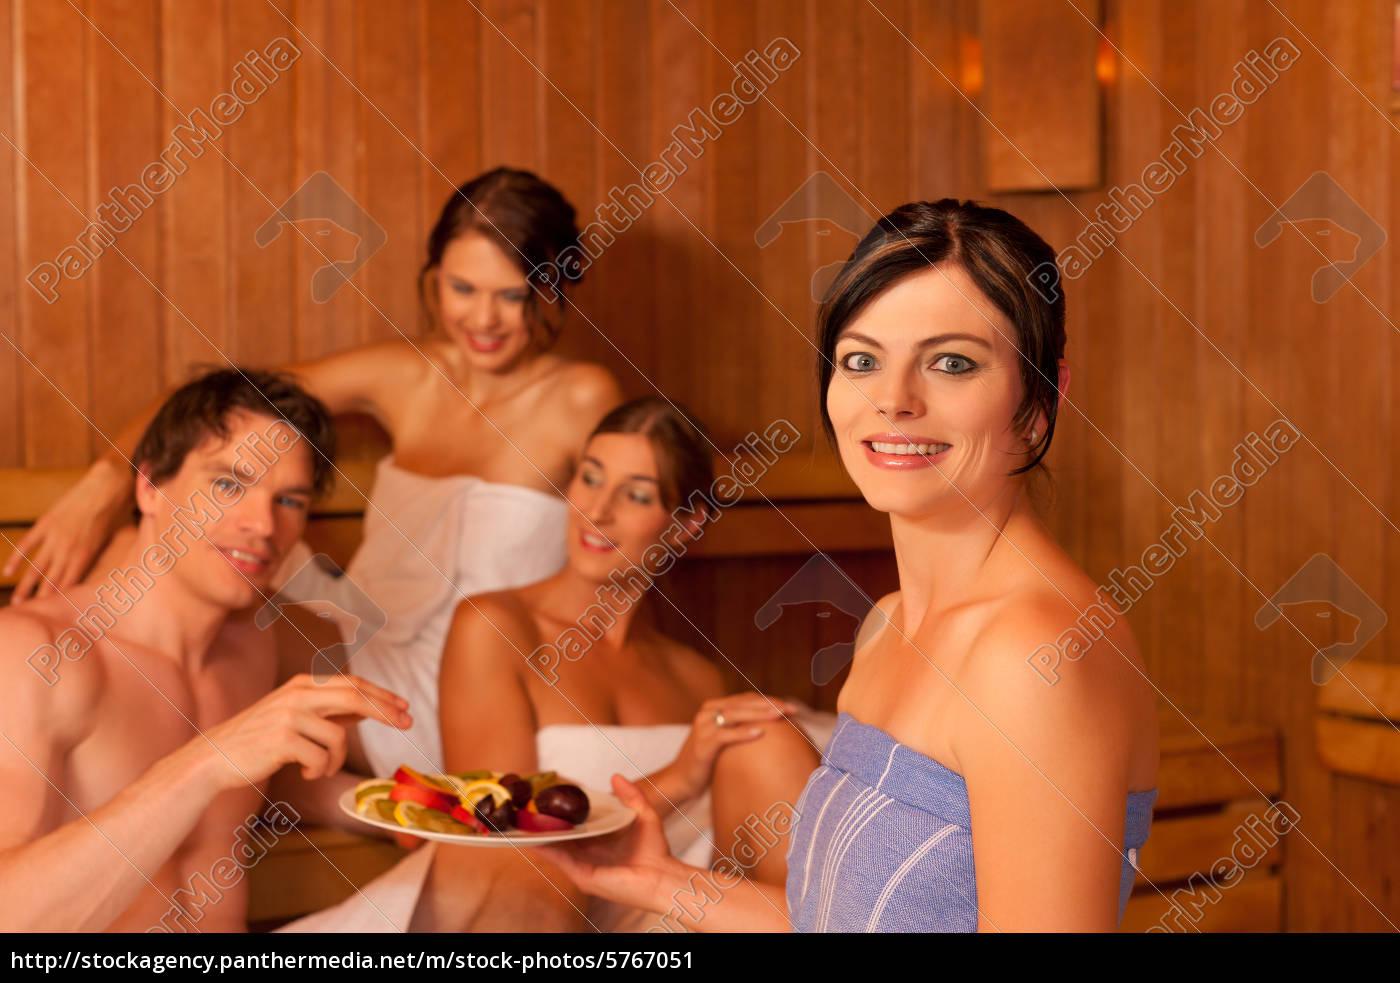 Русский секс тетки с племянником, Тетя и Племянник Порно и Секс Видео Смотреть Онлайн 17 фотография